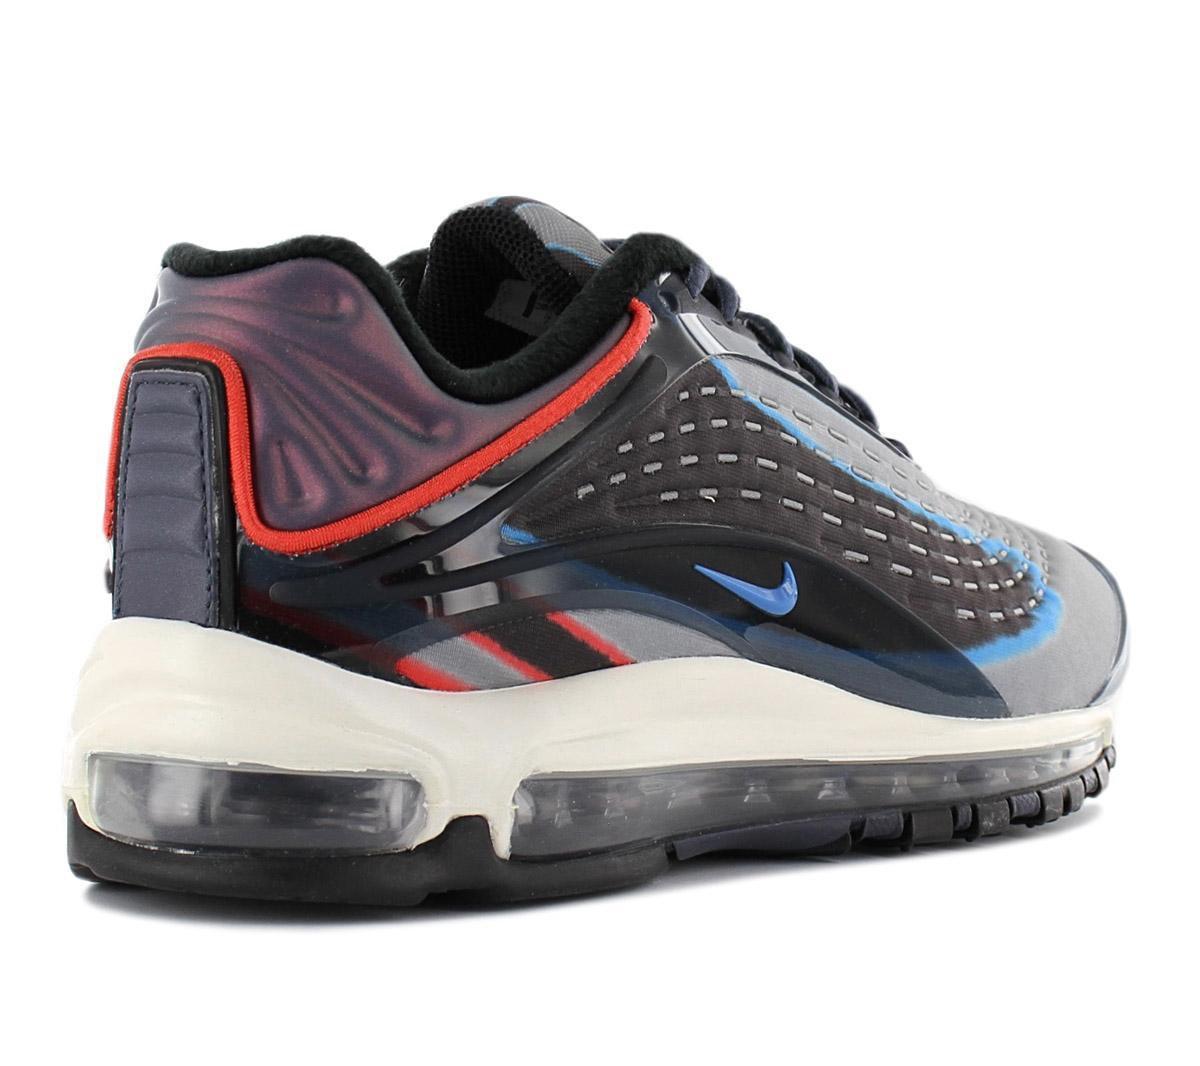 Nike Air Max Deluxe AJ7831-402 Sneaker Sportschoenen Schoenen Multi colour - Maat EU... Sneakers